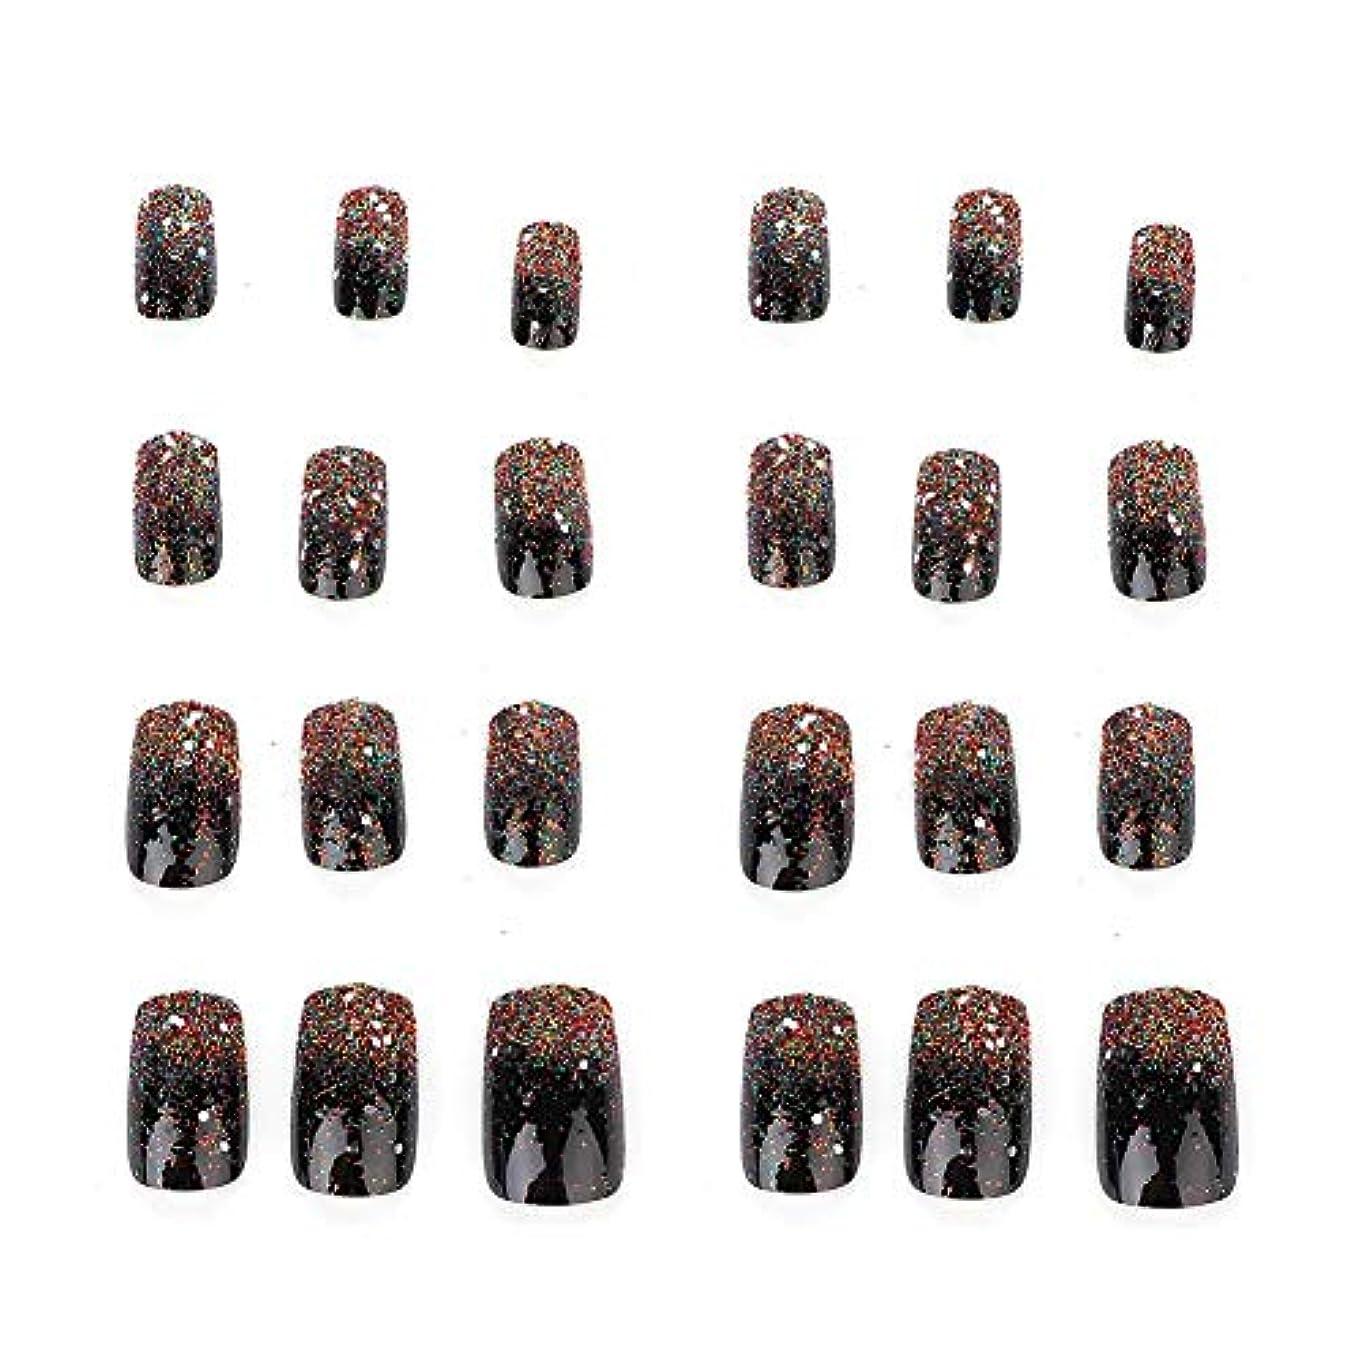 モッキンバード西ライター5種類の取り外し可能なフルカバー偽爪のヒント人工手マニキュア装飾(03)